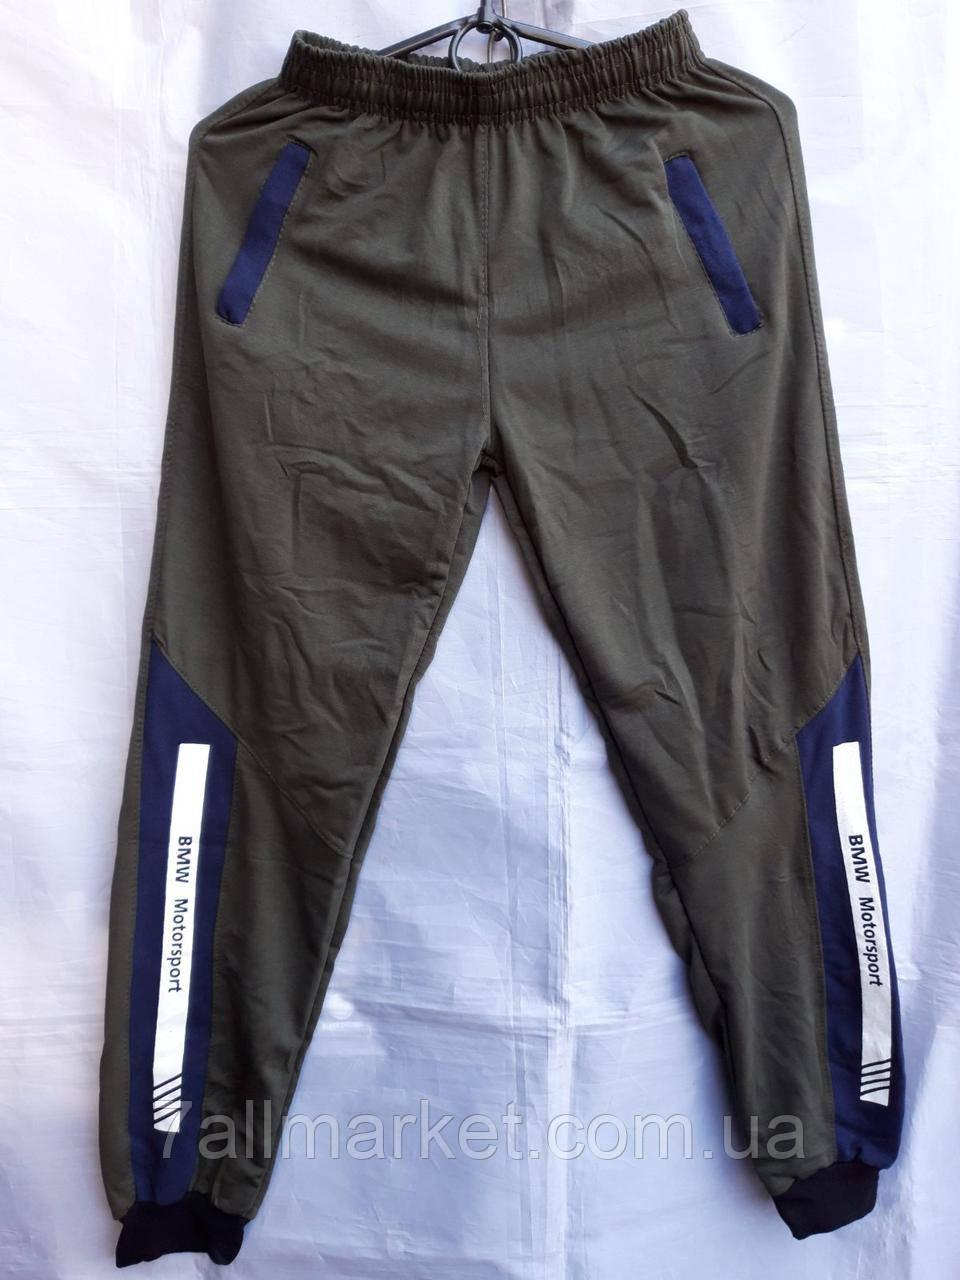 """Спортивные штаны мужские подросток BMW MOTORS (2цв.)размеры 36-44 """"WELL"""" недорого от прямого поставщика"""